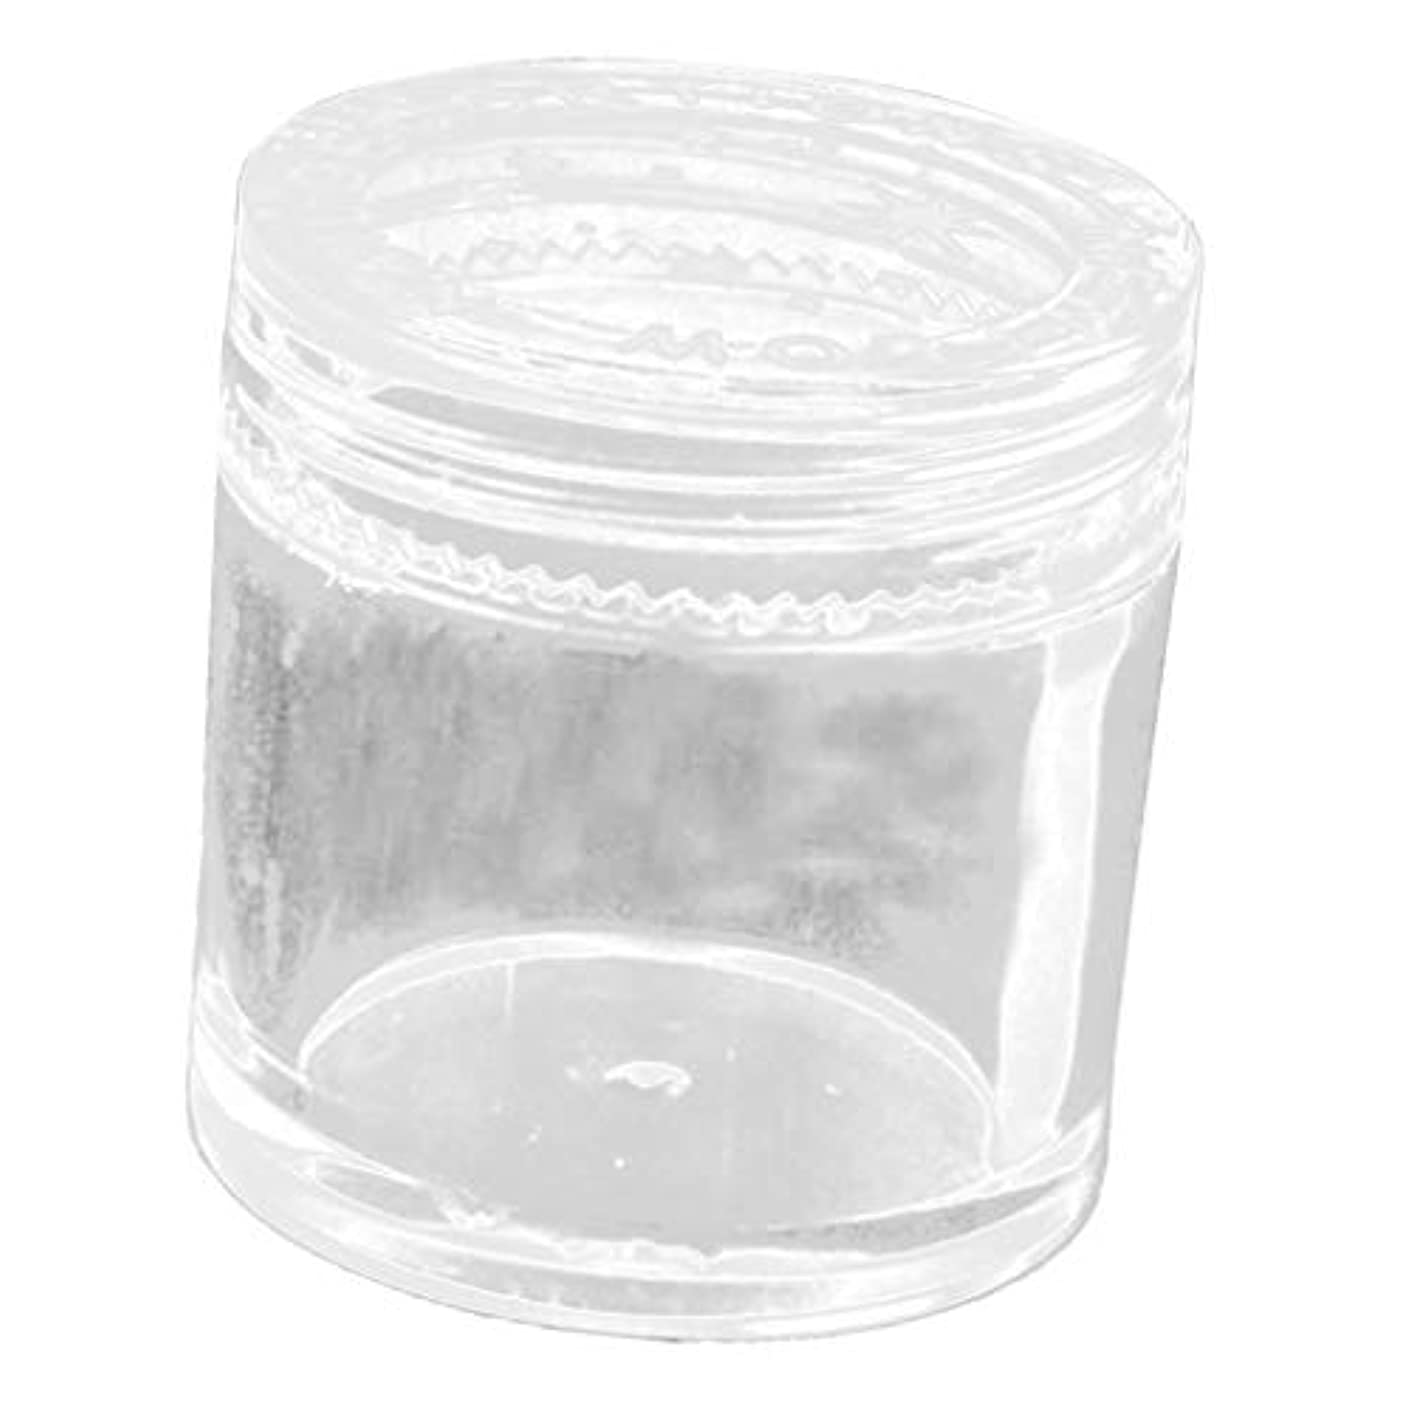 永遠に最終宿泊施設DYNWAVE ネイルアートケース ジュエリーボックス 小物入れ 収納瓶 工芸品 ビーズ 宝石 収納ボックス 透明